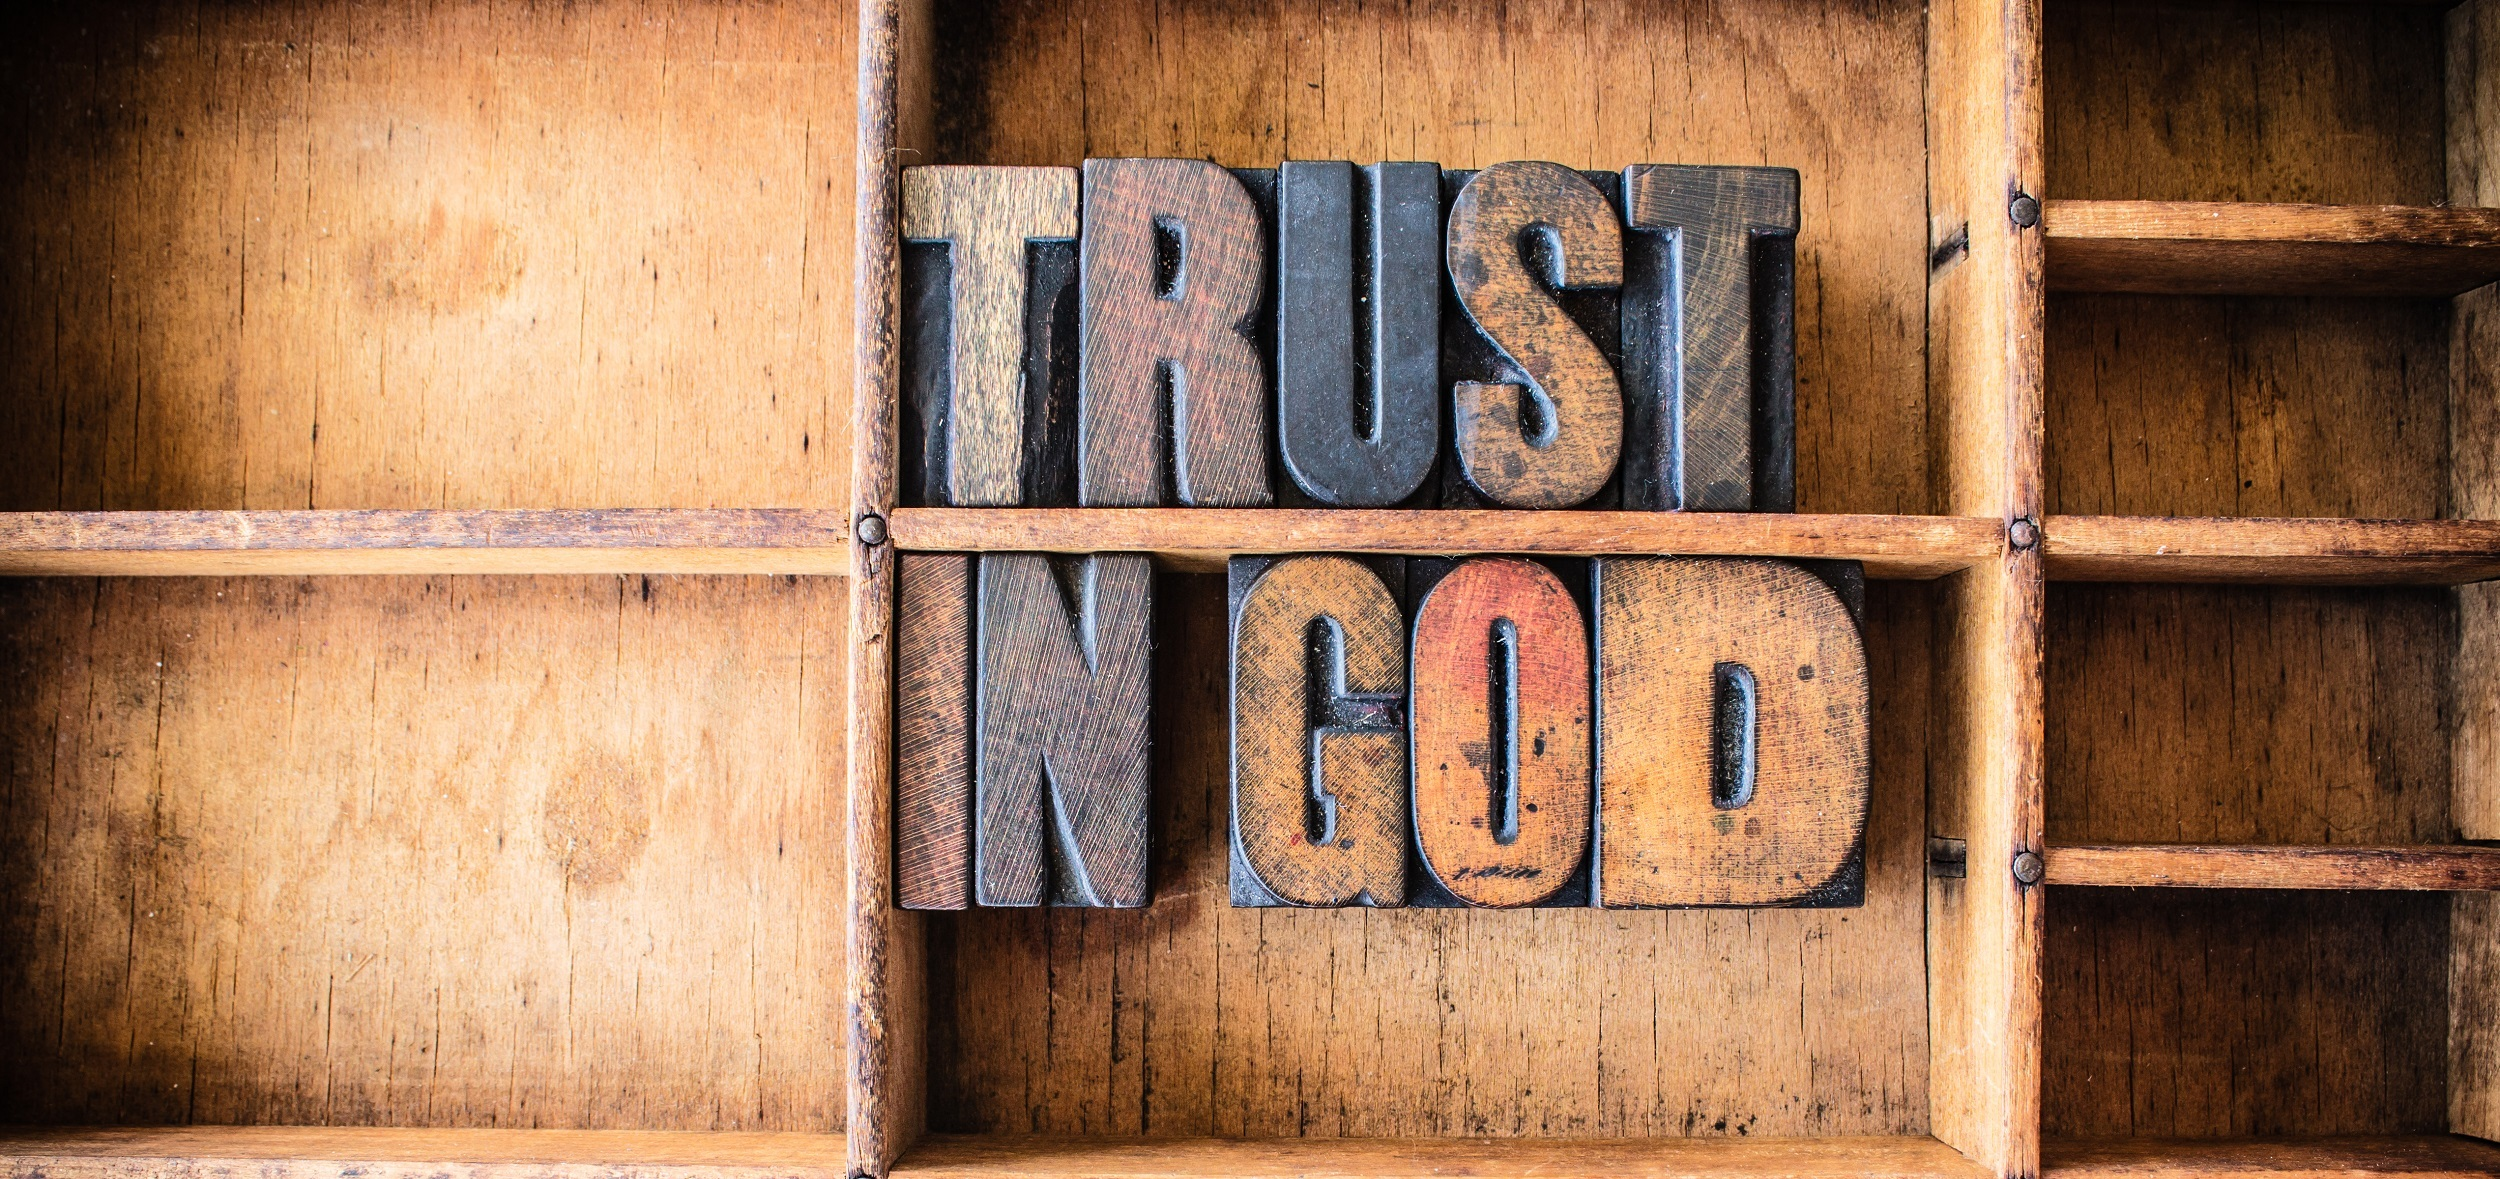 trust+in+god+smaller.jpg